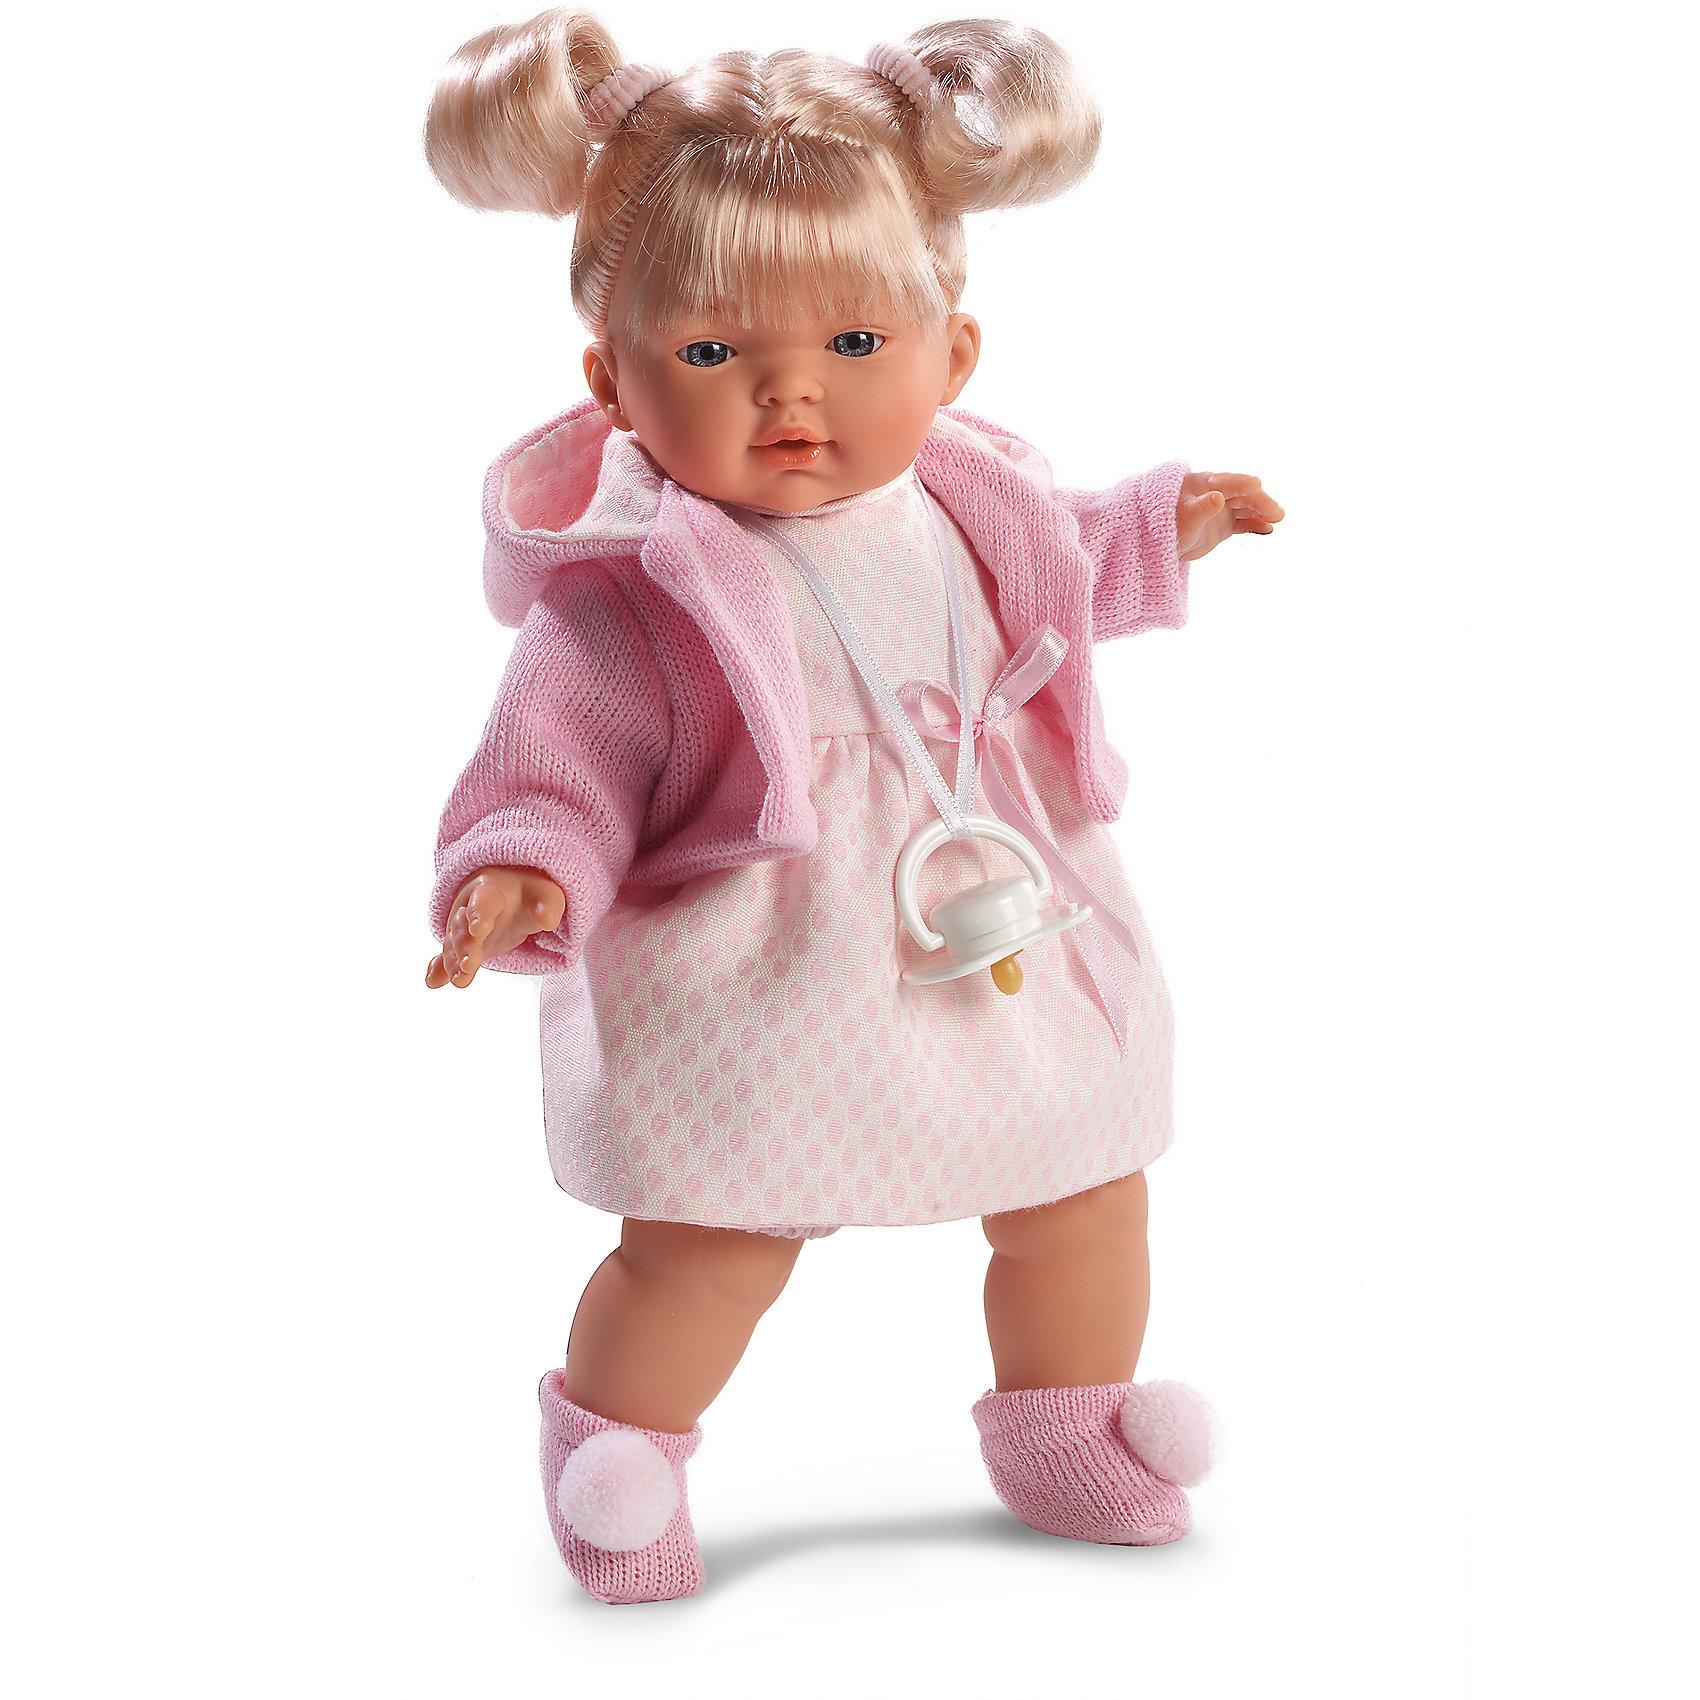 Кукла Мария, 33 см, LlorensКуклы<br>Характеристики:<br><br>• Предназначение: для сюжетно-ролевых игр<br>• Тип куклы: мягконабивная<br>• Пол куклы: девочка <br>• Цвет волос: блондинка<br>• Материал: поливинилхлорид, пластик, нейлон, текстиль<br>• Цвет: розовый, белый<br>• Высота куклы: 33 см<br>• Комплектация: кукла, платье, жакет с капюшоном, носочки, пустышка на ленточке<br>• Вес: 660 г<br>• Размеры упаковки (Д*В*Ш): 20*37*10 см<br>• Упаковка: подарочная картонная коробка <br>• Особенности ухода: допускается деликатная стирка без использования красящих и отбеливающих средств предметов одежды куклы<br><br>Кукла Мария 33 см без звука – кукла, производителем которого является всемирно известный испанский кукольный бренд Llorens. Куклы этой торговой марки имеют свою неповторимую внешность и целую линейку образов как пупсов, так и кукол-малышей. Игрушки выполнены из сочетания поливинилхлорида и пластика, что позволяет с высокой долей достоверности воссоздать физиологические и мимические особенности маленьких детей. При изготовлении кукол Llorens используются только сертифицированные материалы, безопасные и не вызывающие аллергических реакций. Волосы у кукол отличаются густотой, шелковистостью и блеском, при расчесывании они не выпадают и не ломаются.<br>Кукла Мария 33 см без звука выполнена в образе малышки: блондинка с голубыми глазами и задорными хвостиками. В комплект одежды Марии входит платьице, жакет нежно-зеленого цвета с капюшоном и носочки с помпонами. У малышки имеется соска на ленточке. <br>Кукла Мария 33 см без звука – это идеальный вариант для подарка к различным праздникам и торжествам.<br><br>Куклу Марию 33 см без звука можно купить в нашем интернет-магазине.<br><br>Ширина мм: 20<br>Глубина мм: 37<br>Высота мм: 10<br>Вес г: 660<br>Возраст от месяцев: 36<br>Возраст до месяцев: 84<br>Пол: Женский<br>Возраст: Детский<br>SKU: 5086890